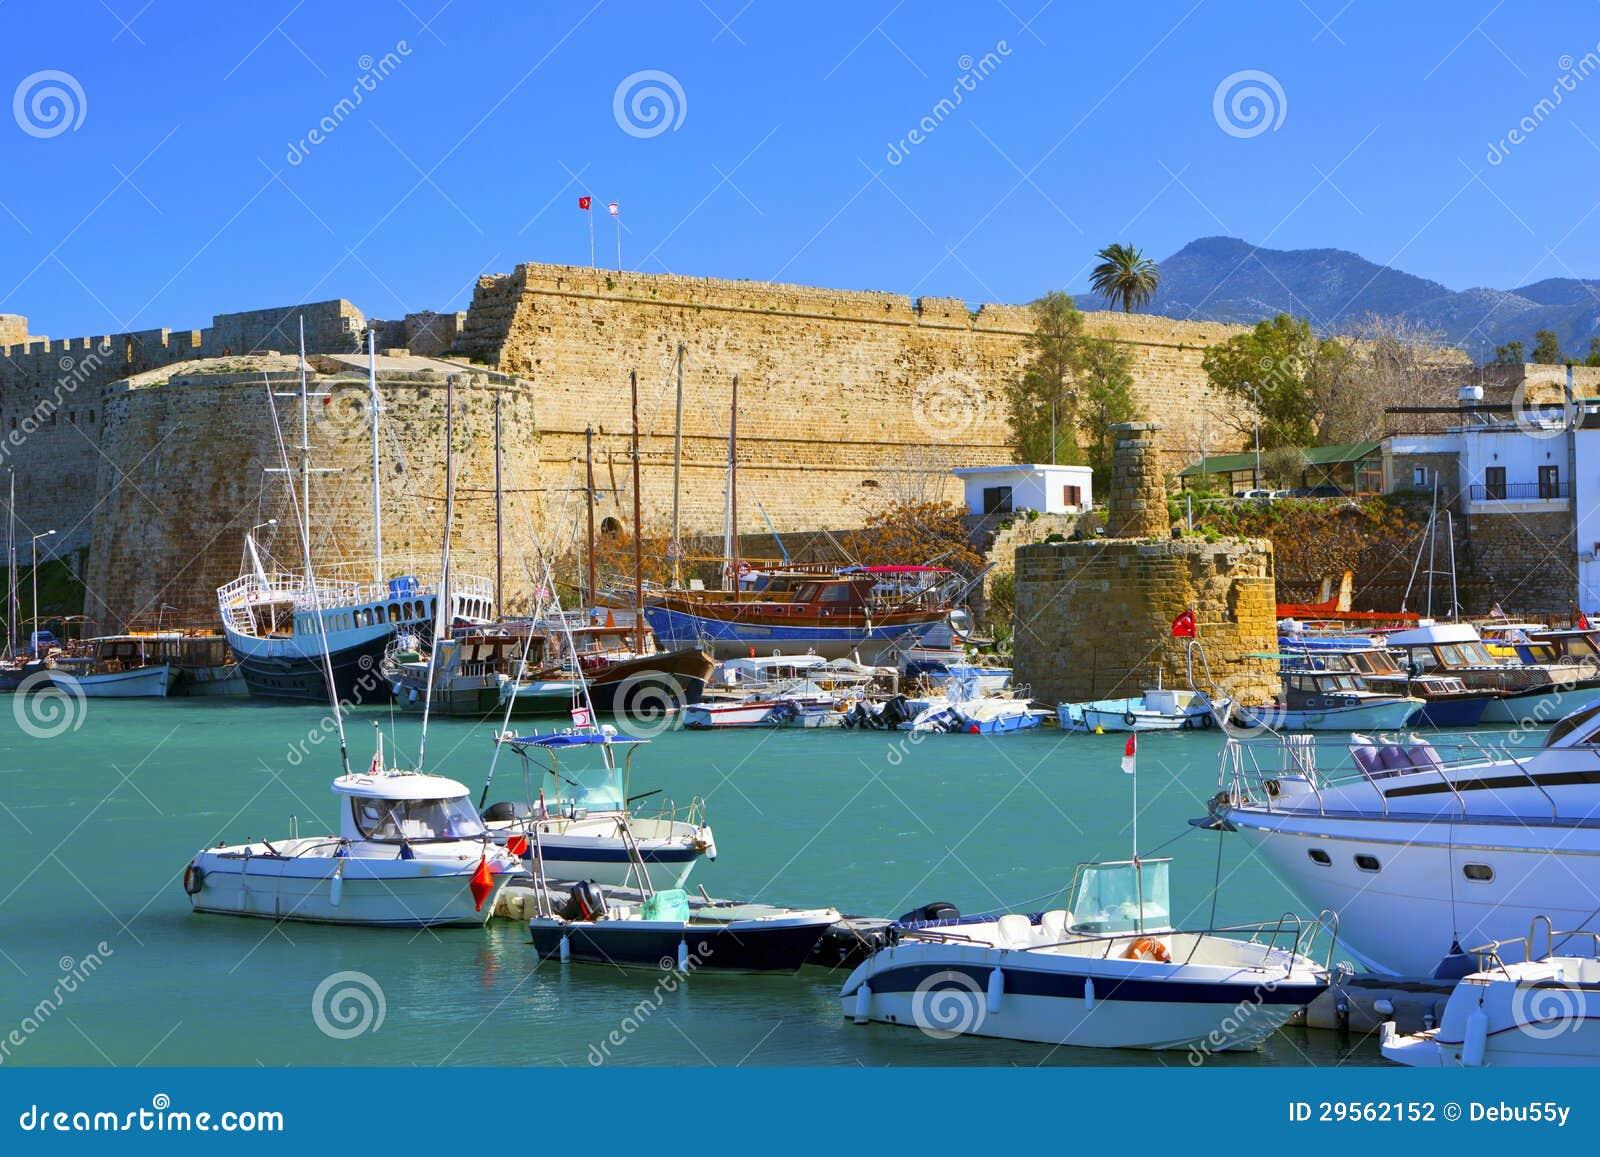 Stary schronienie w Cypr.